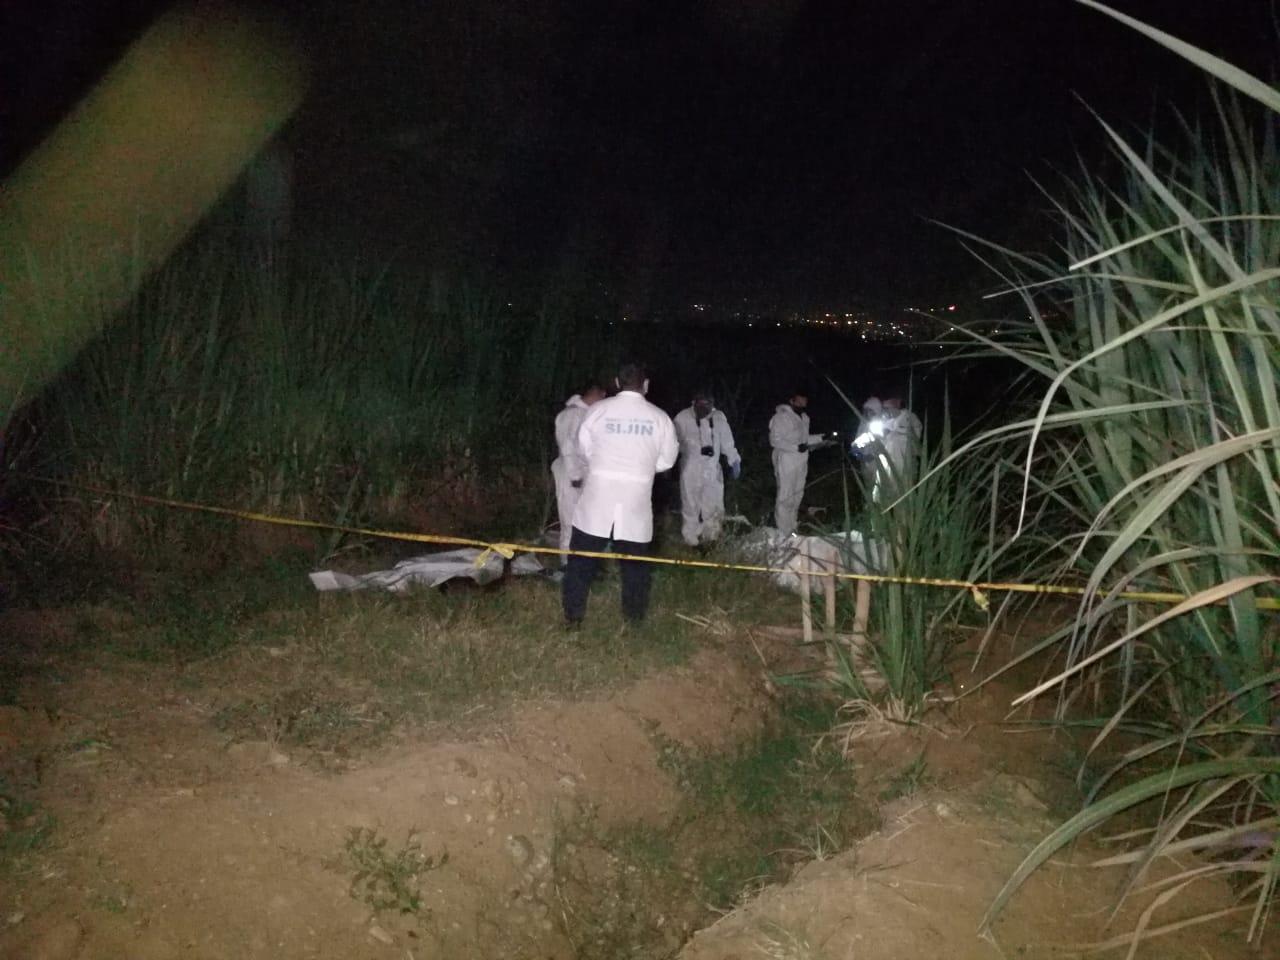 Nueva masacre en Colombia: asesinan en Cali a cinco jóvenes de entre 14 y 18 años